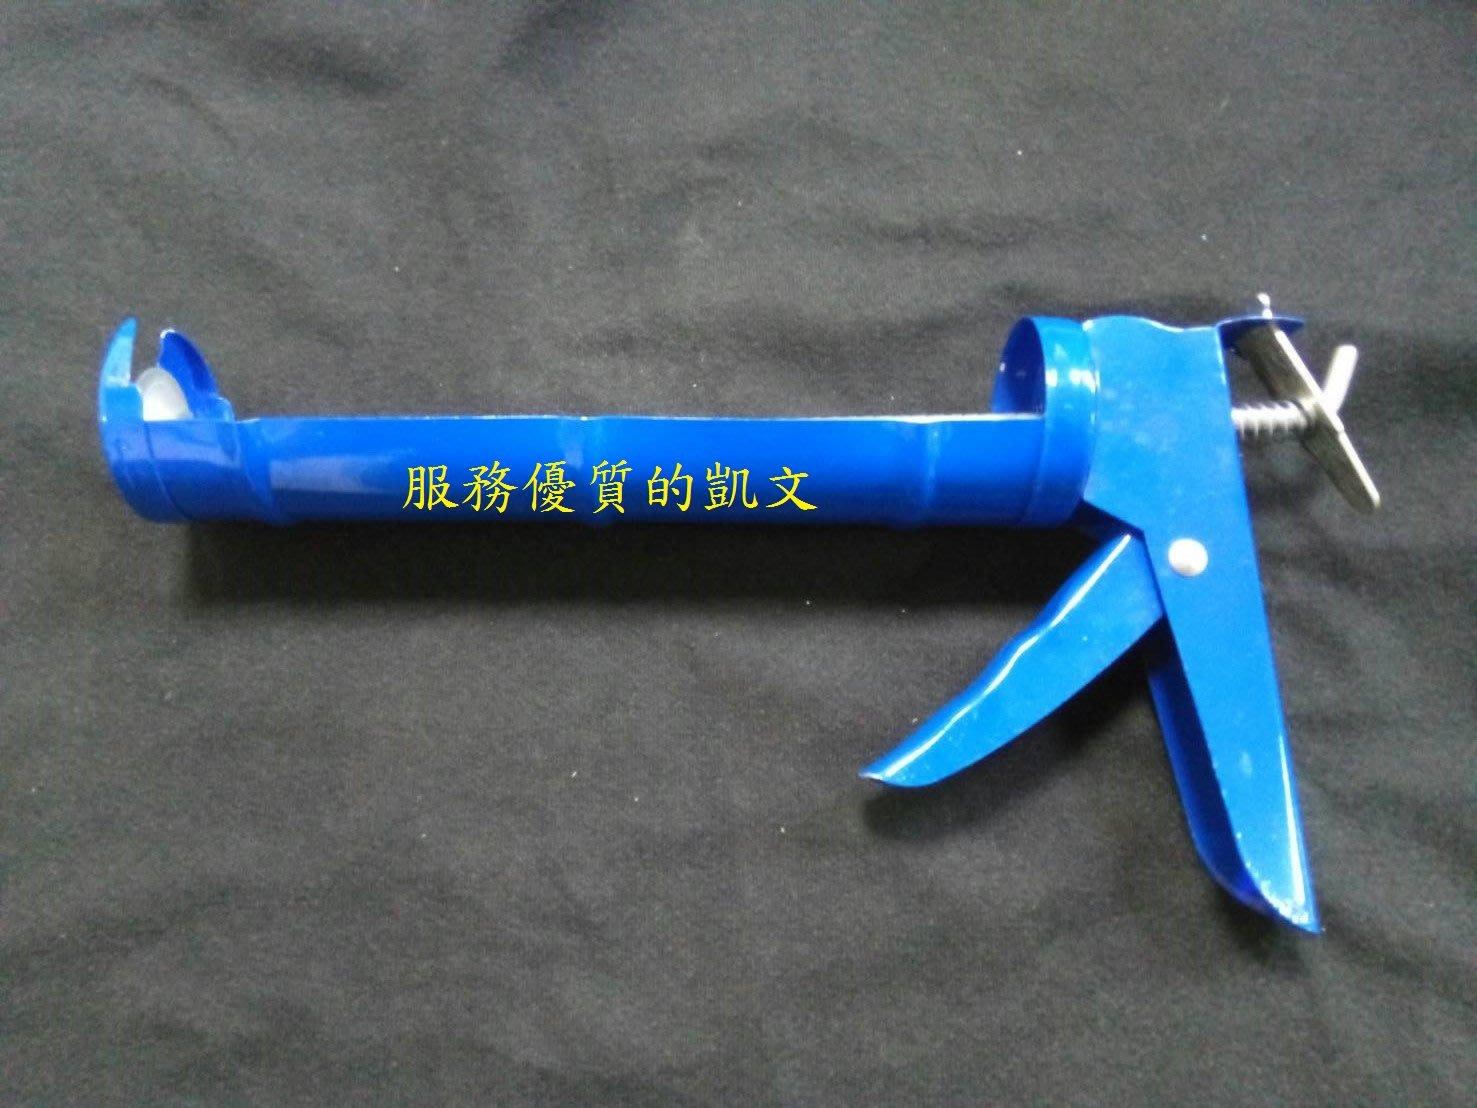 經濟型 矽利康槍